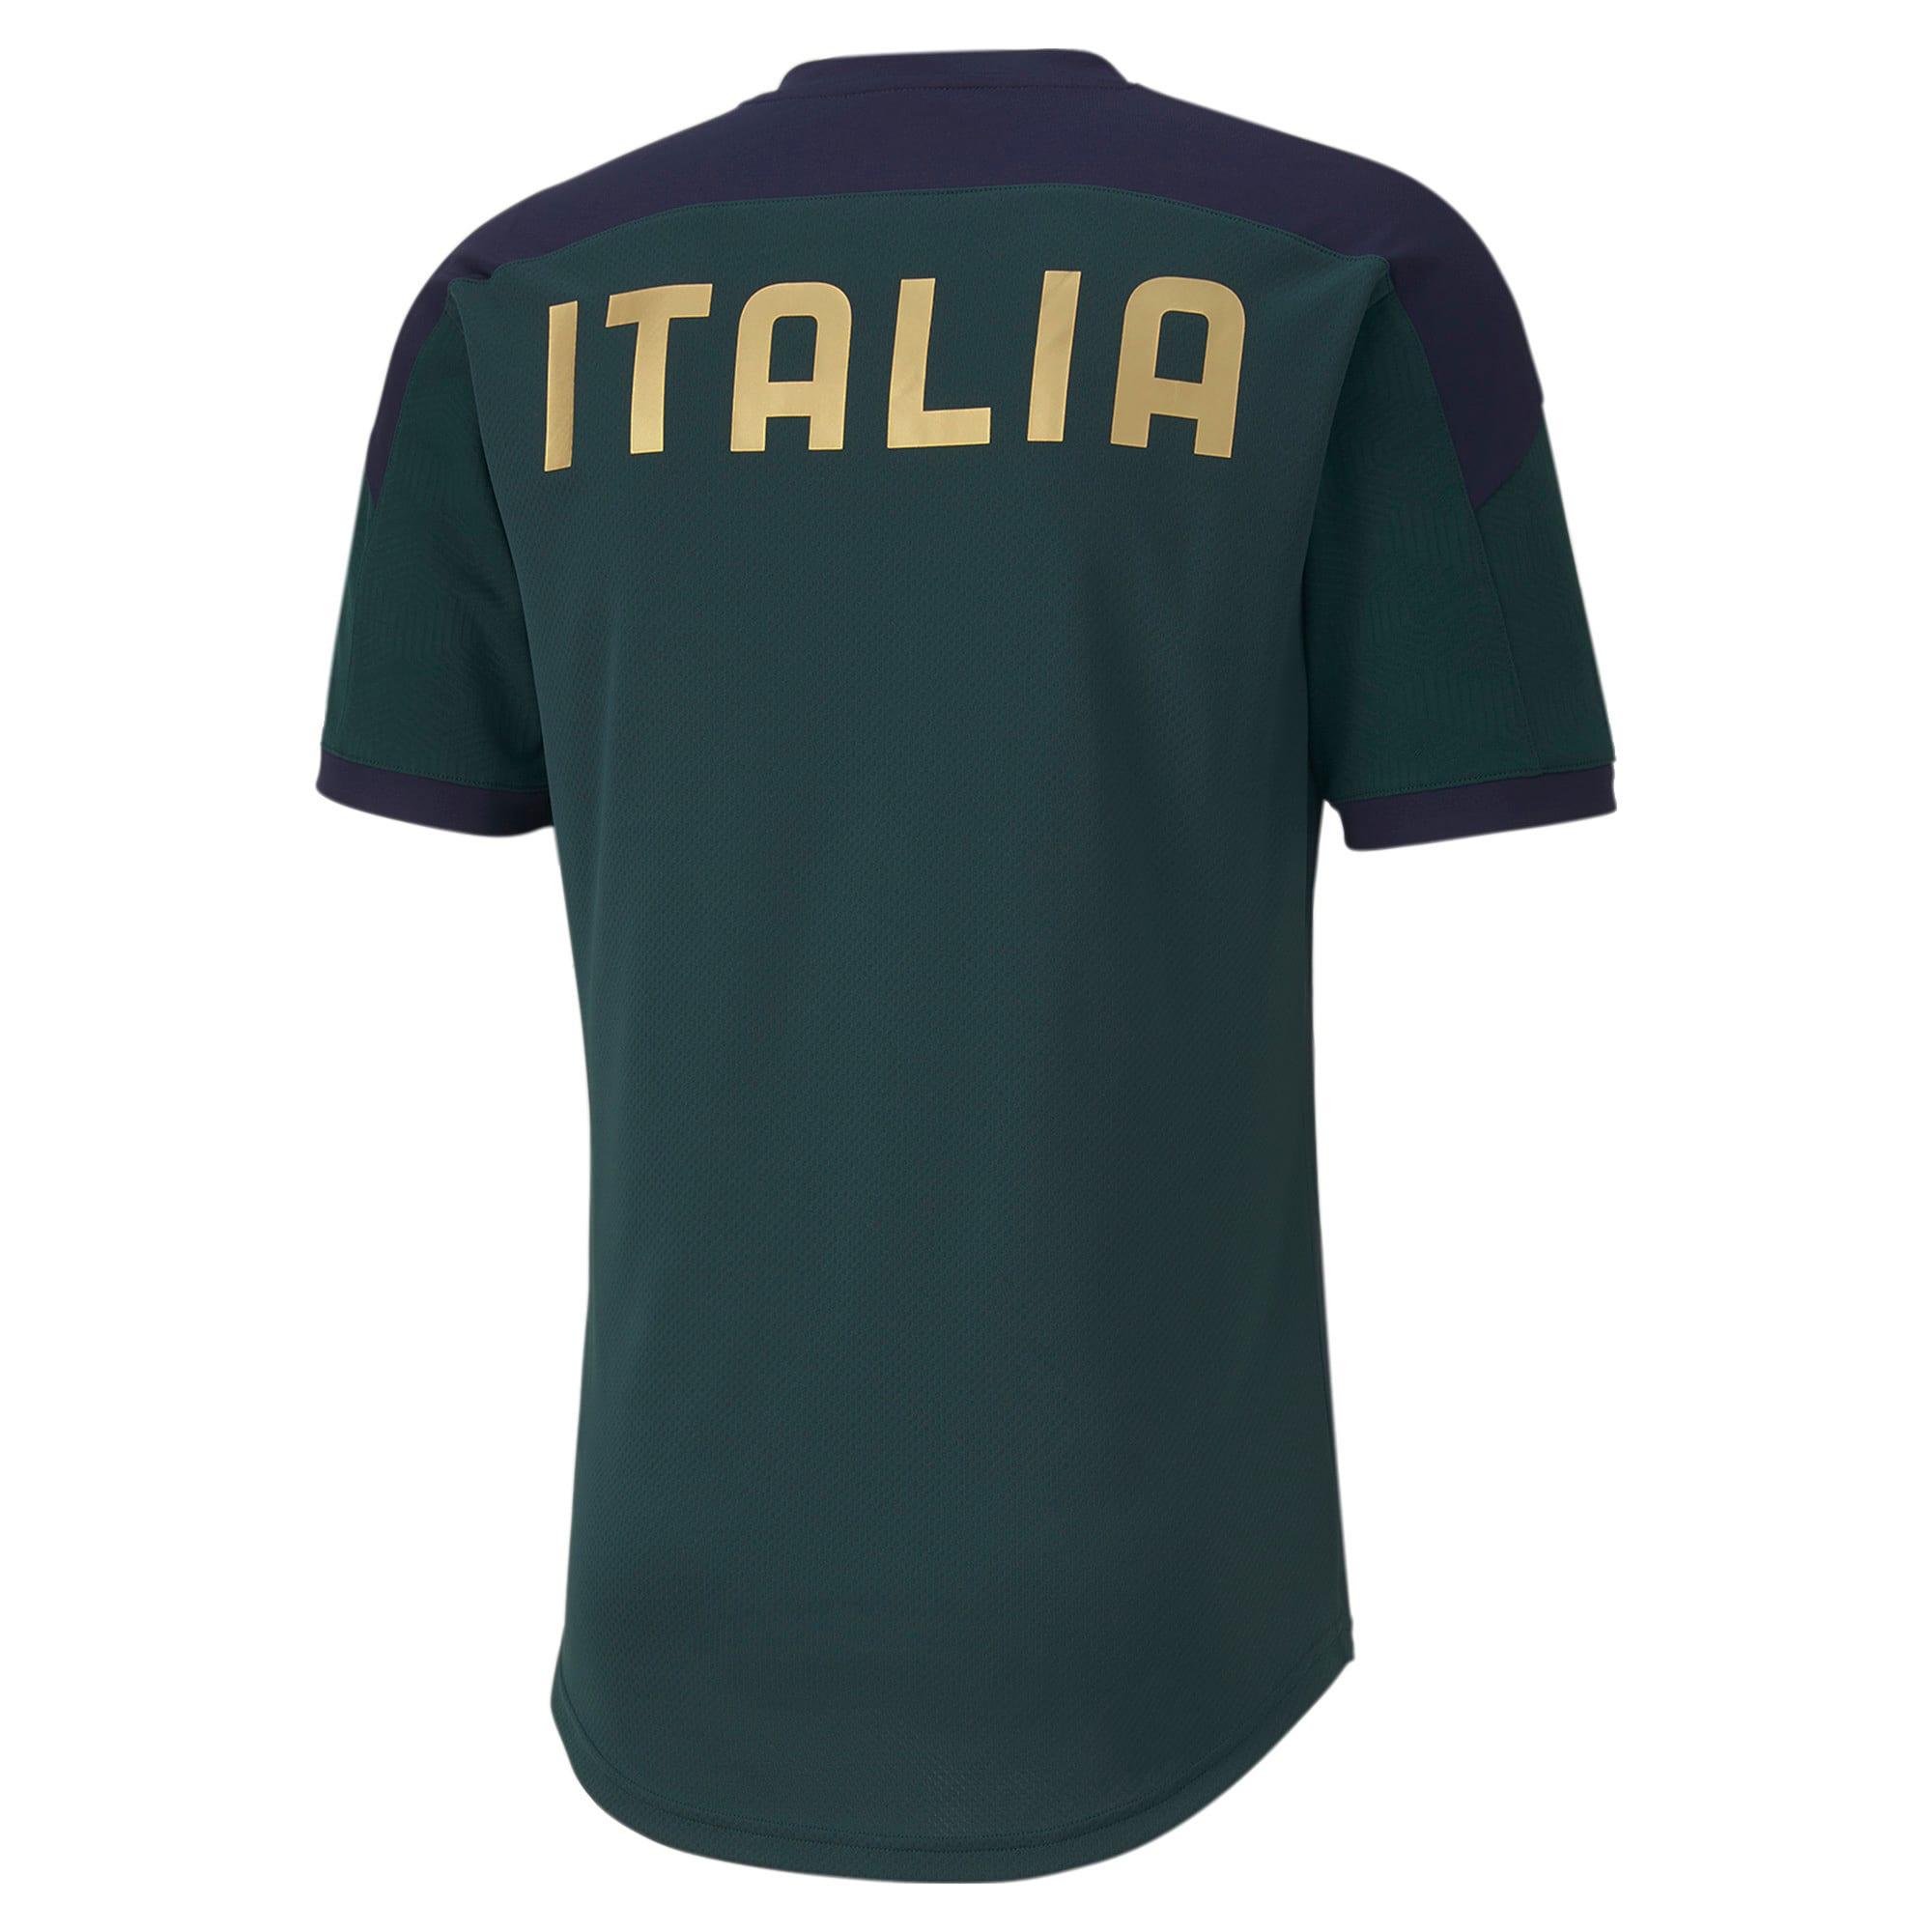 Thumbnail 3 of FIGC イタリア トレーニング シャツ, Ponderosa Pine-Peacoat, medium-JPN